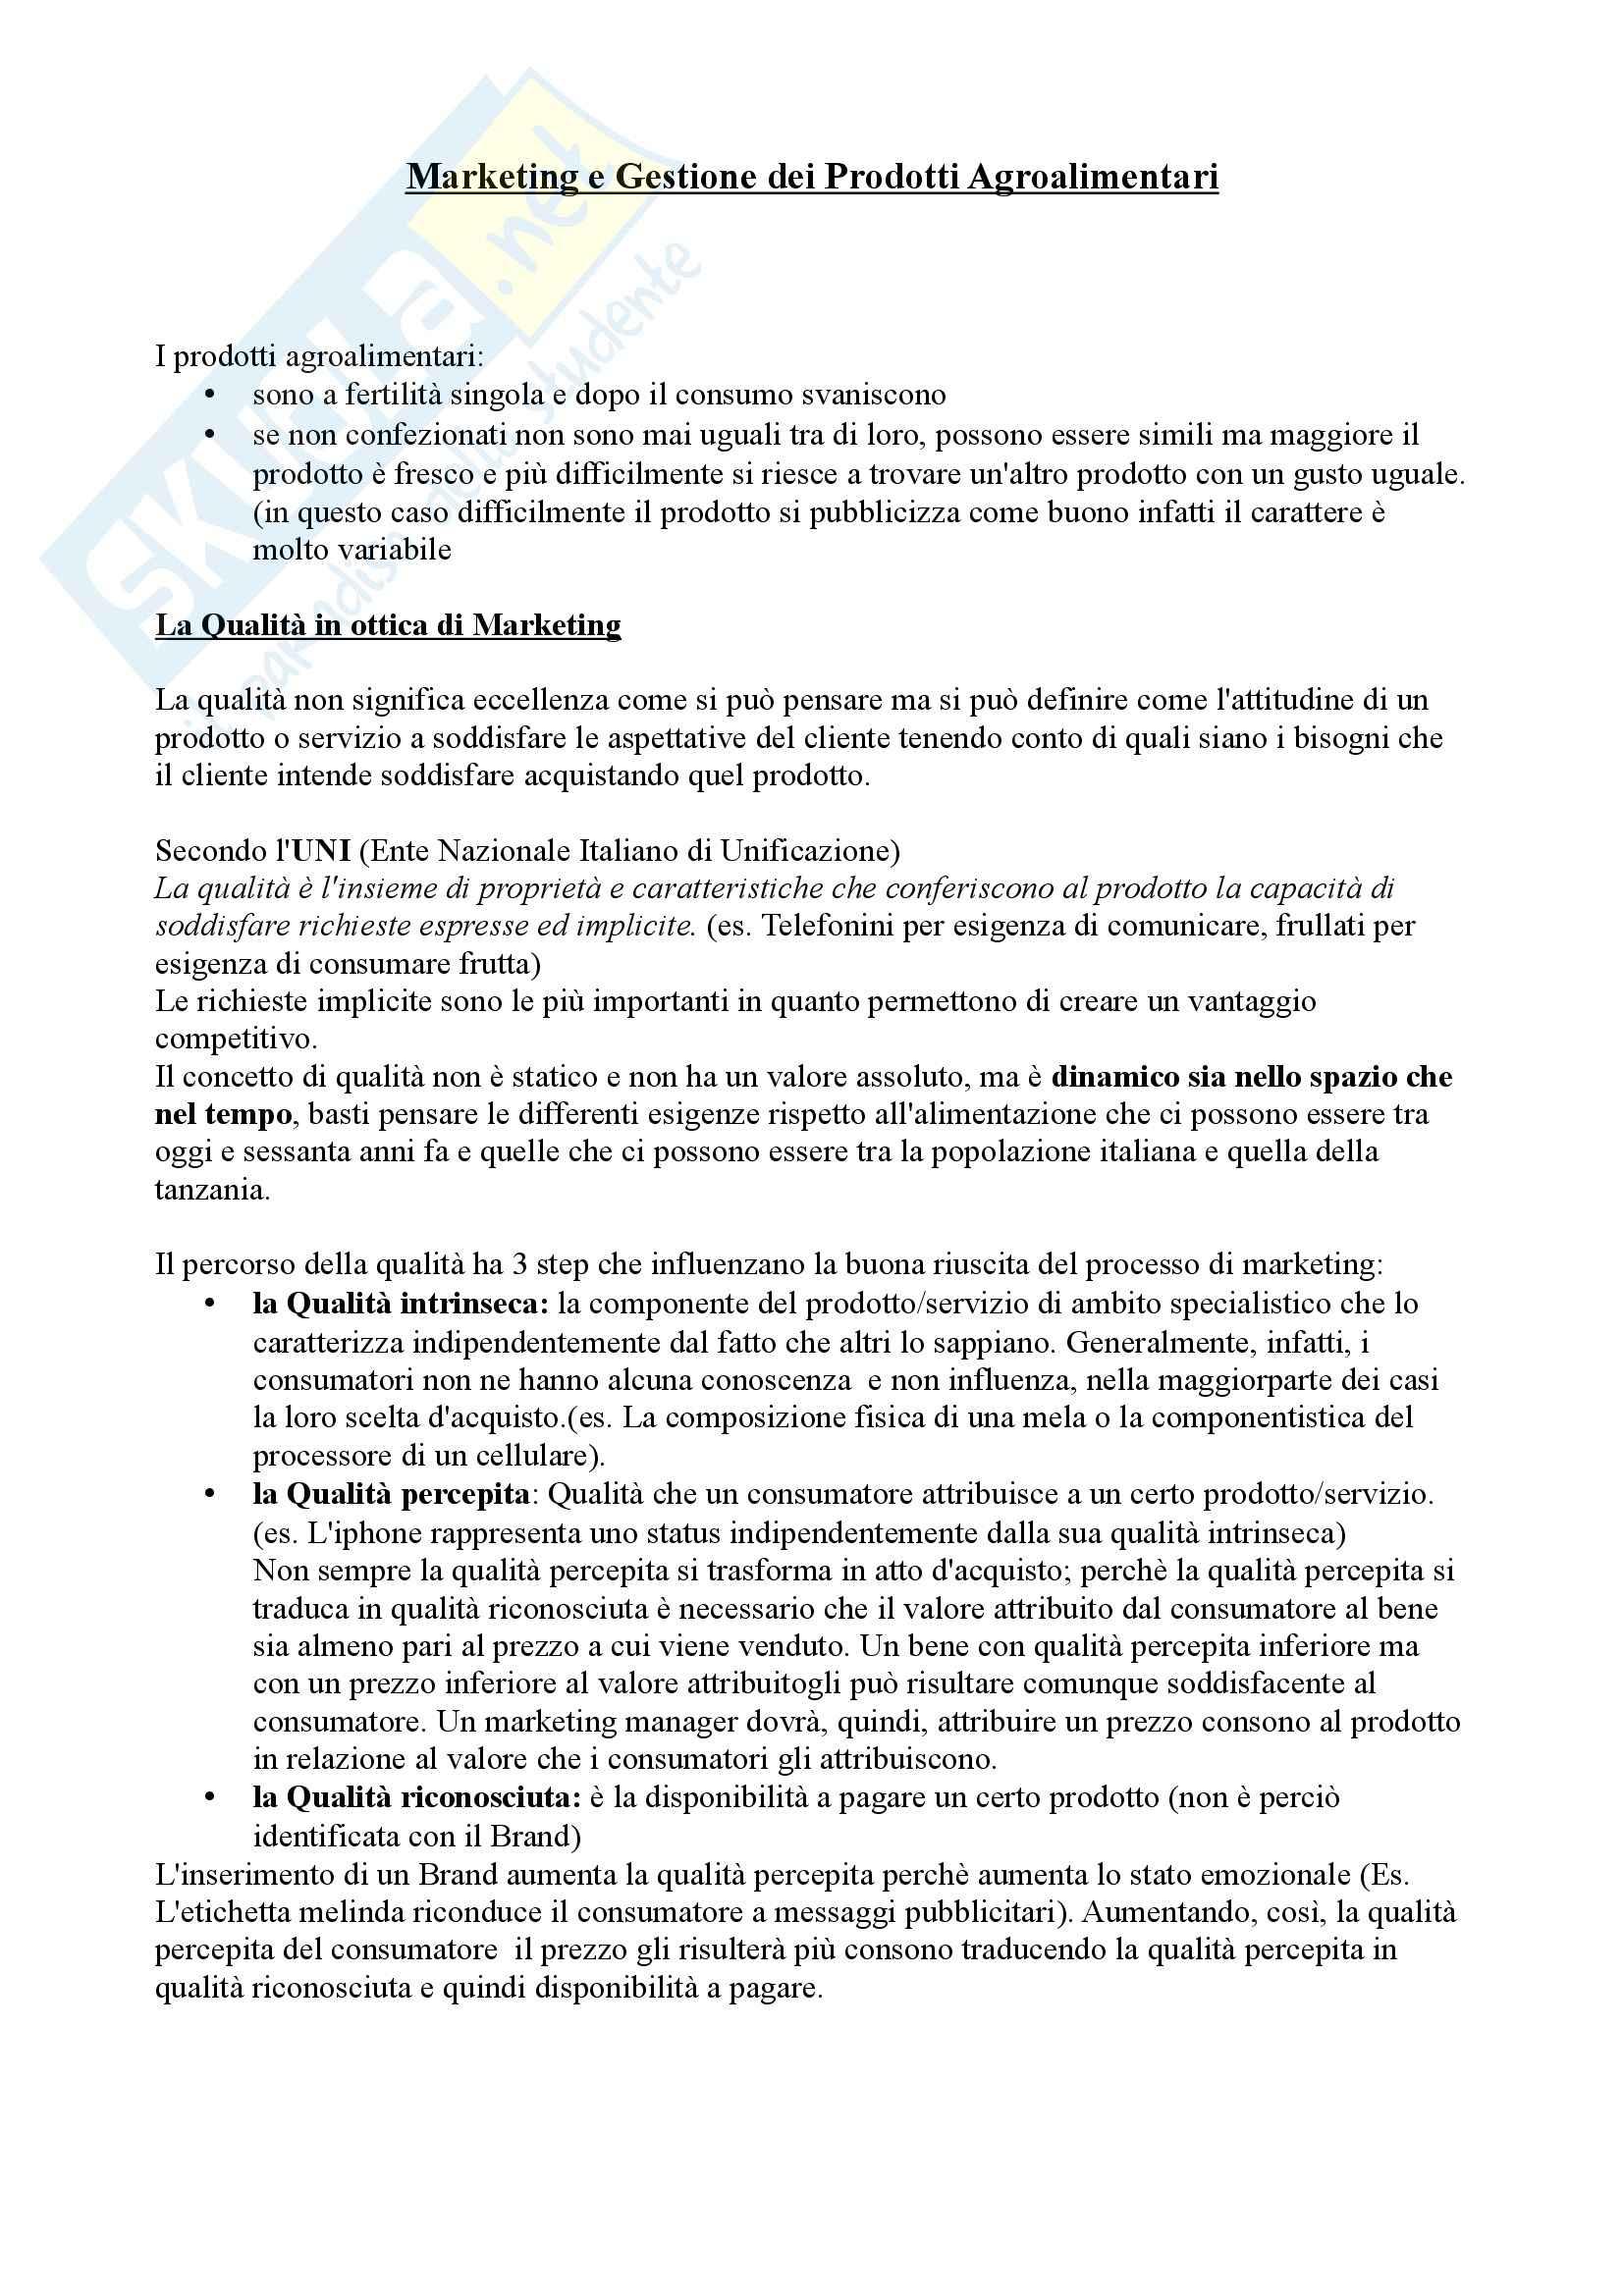 Marketing e Gestione dei prodotti agroalimentari - Appunti